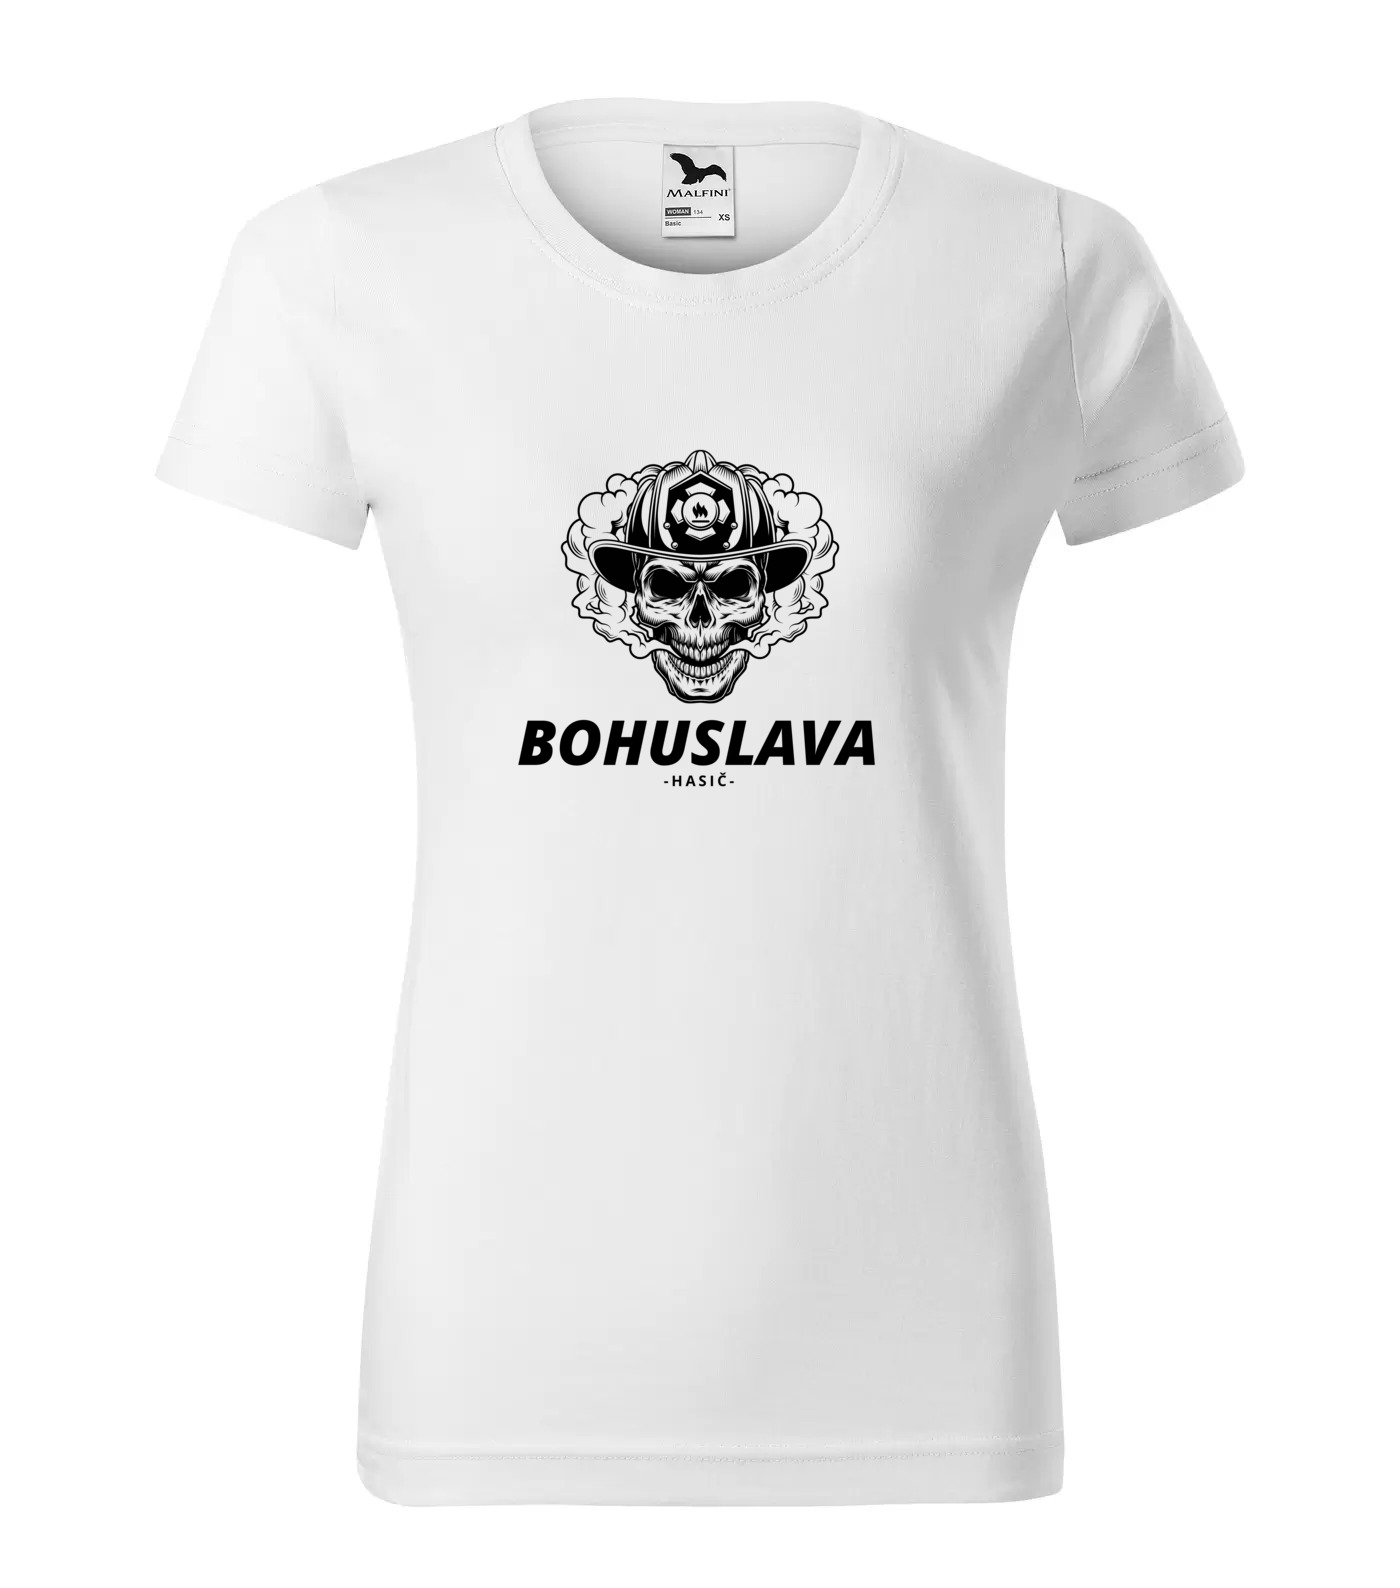 Tričko Hasič Bohuslava